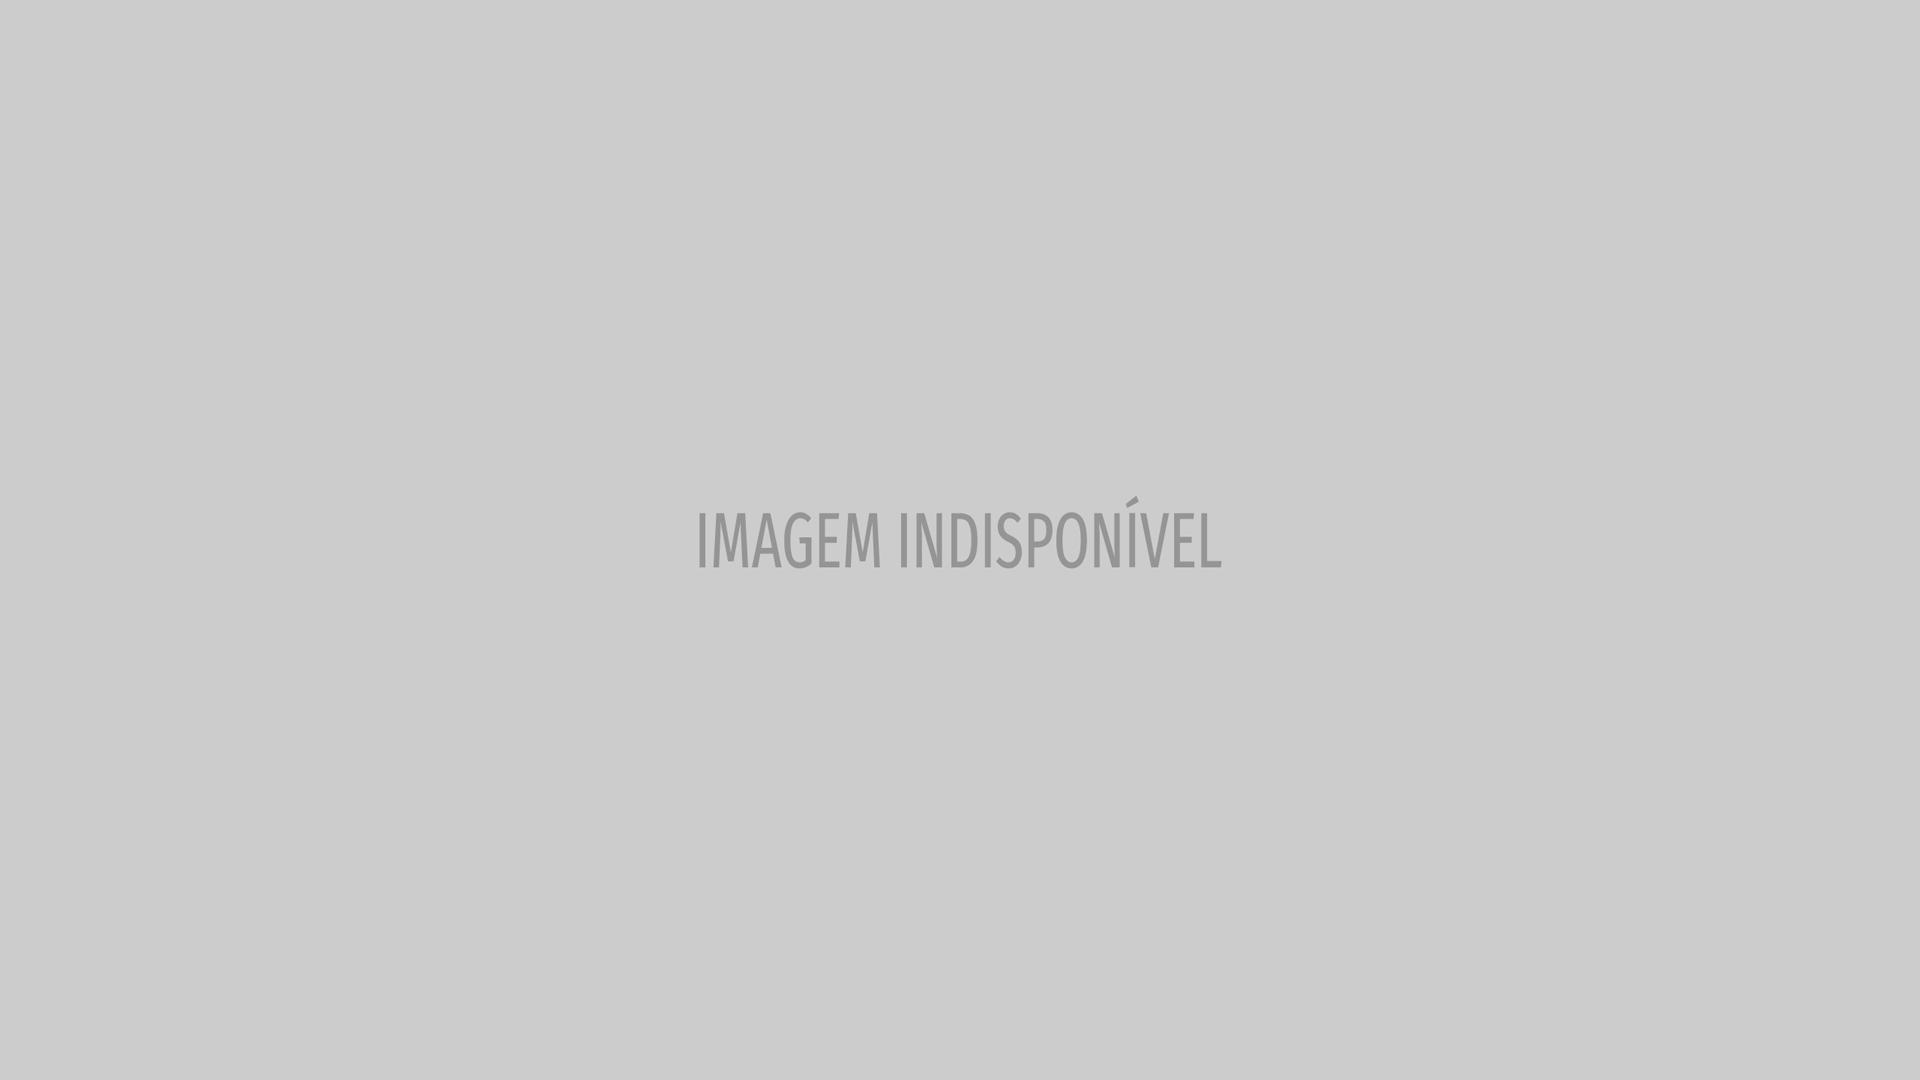 Astrônomos encontram super-Terra mais massiva e densa já vista